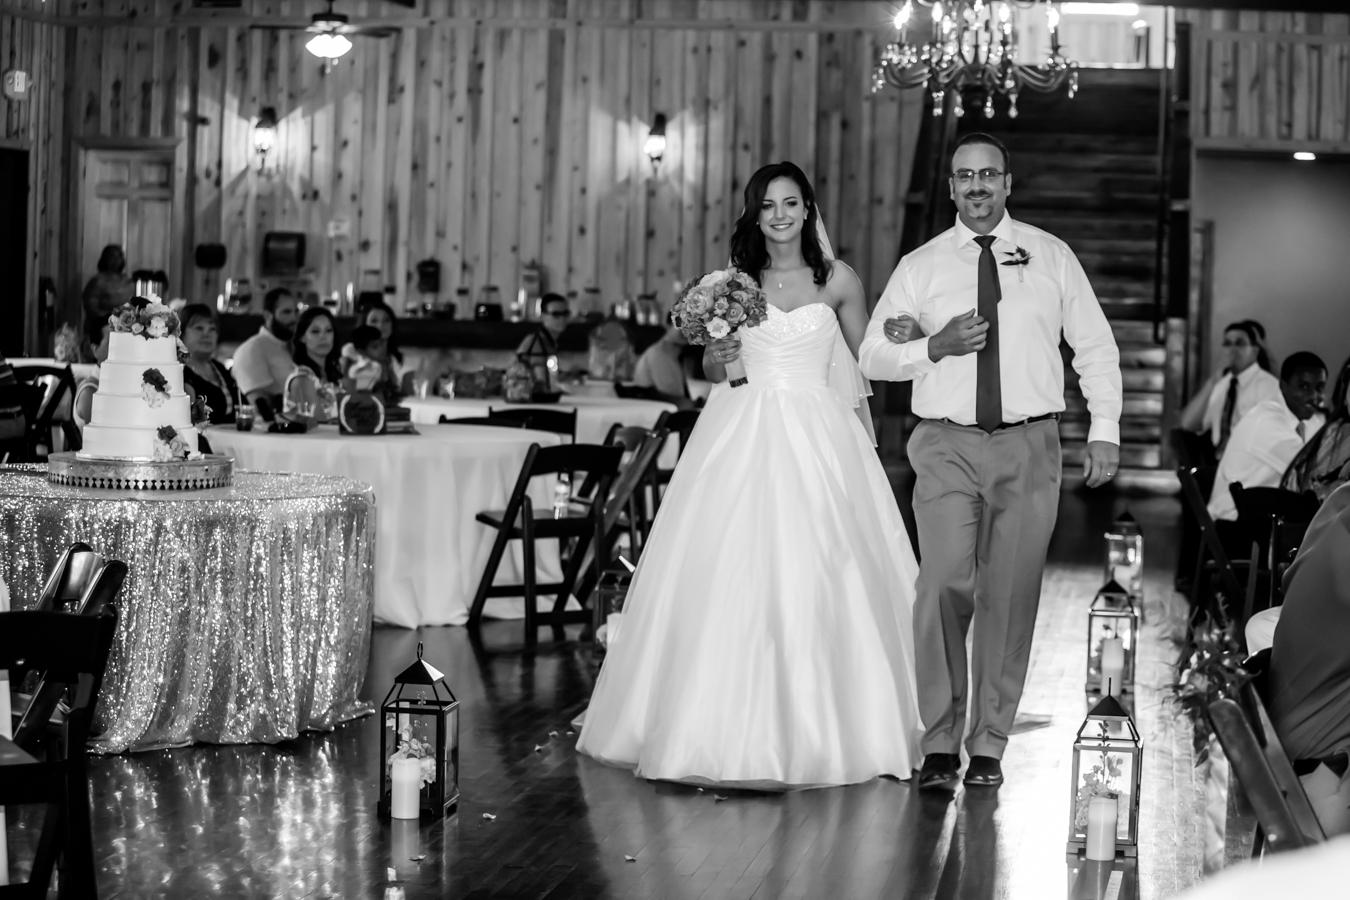 Edmond-wedding-photographer-55.jpg